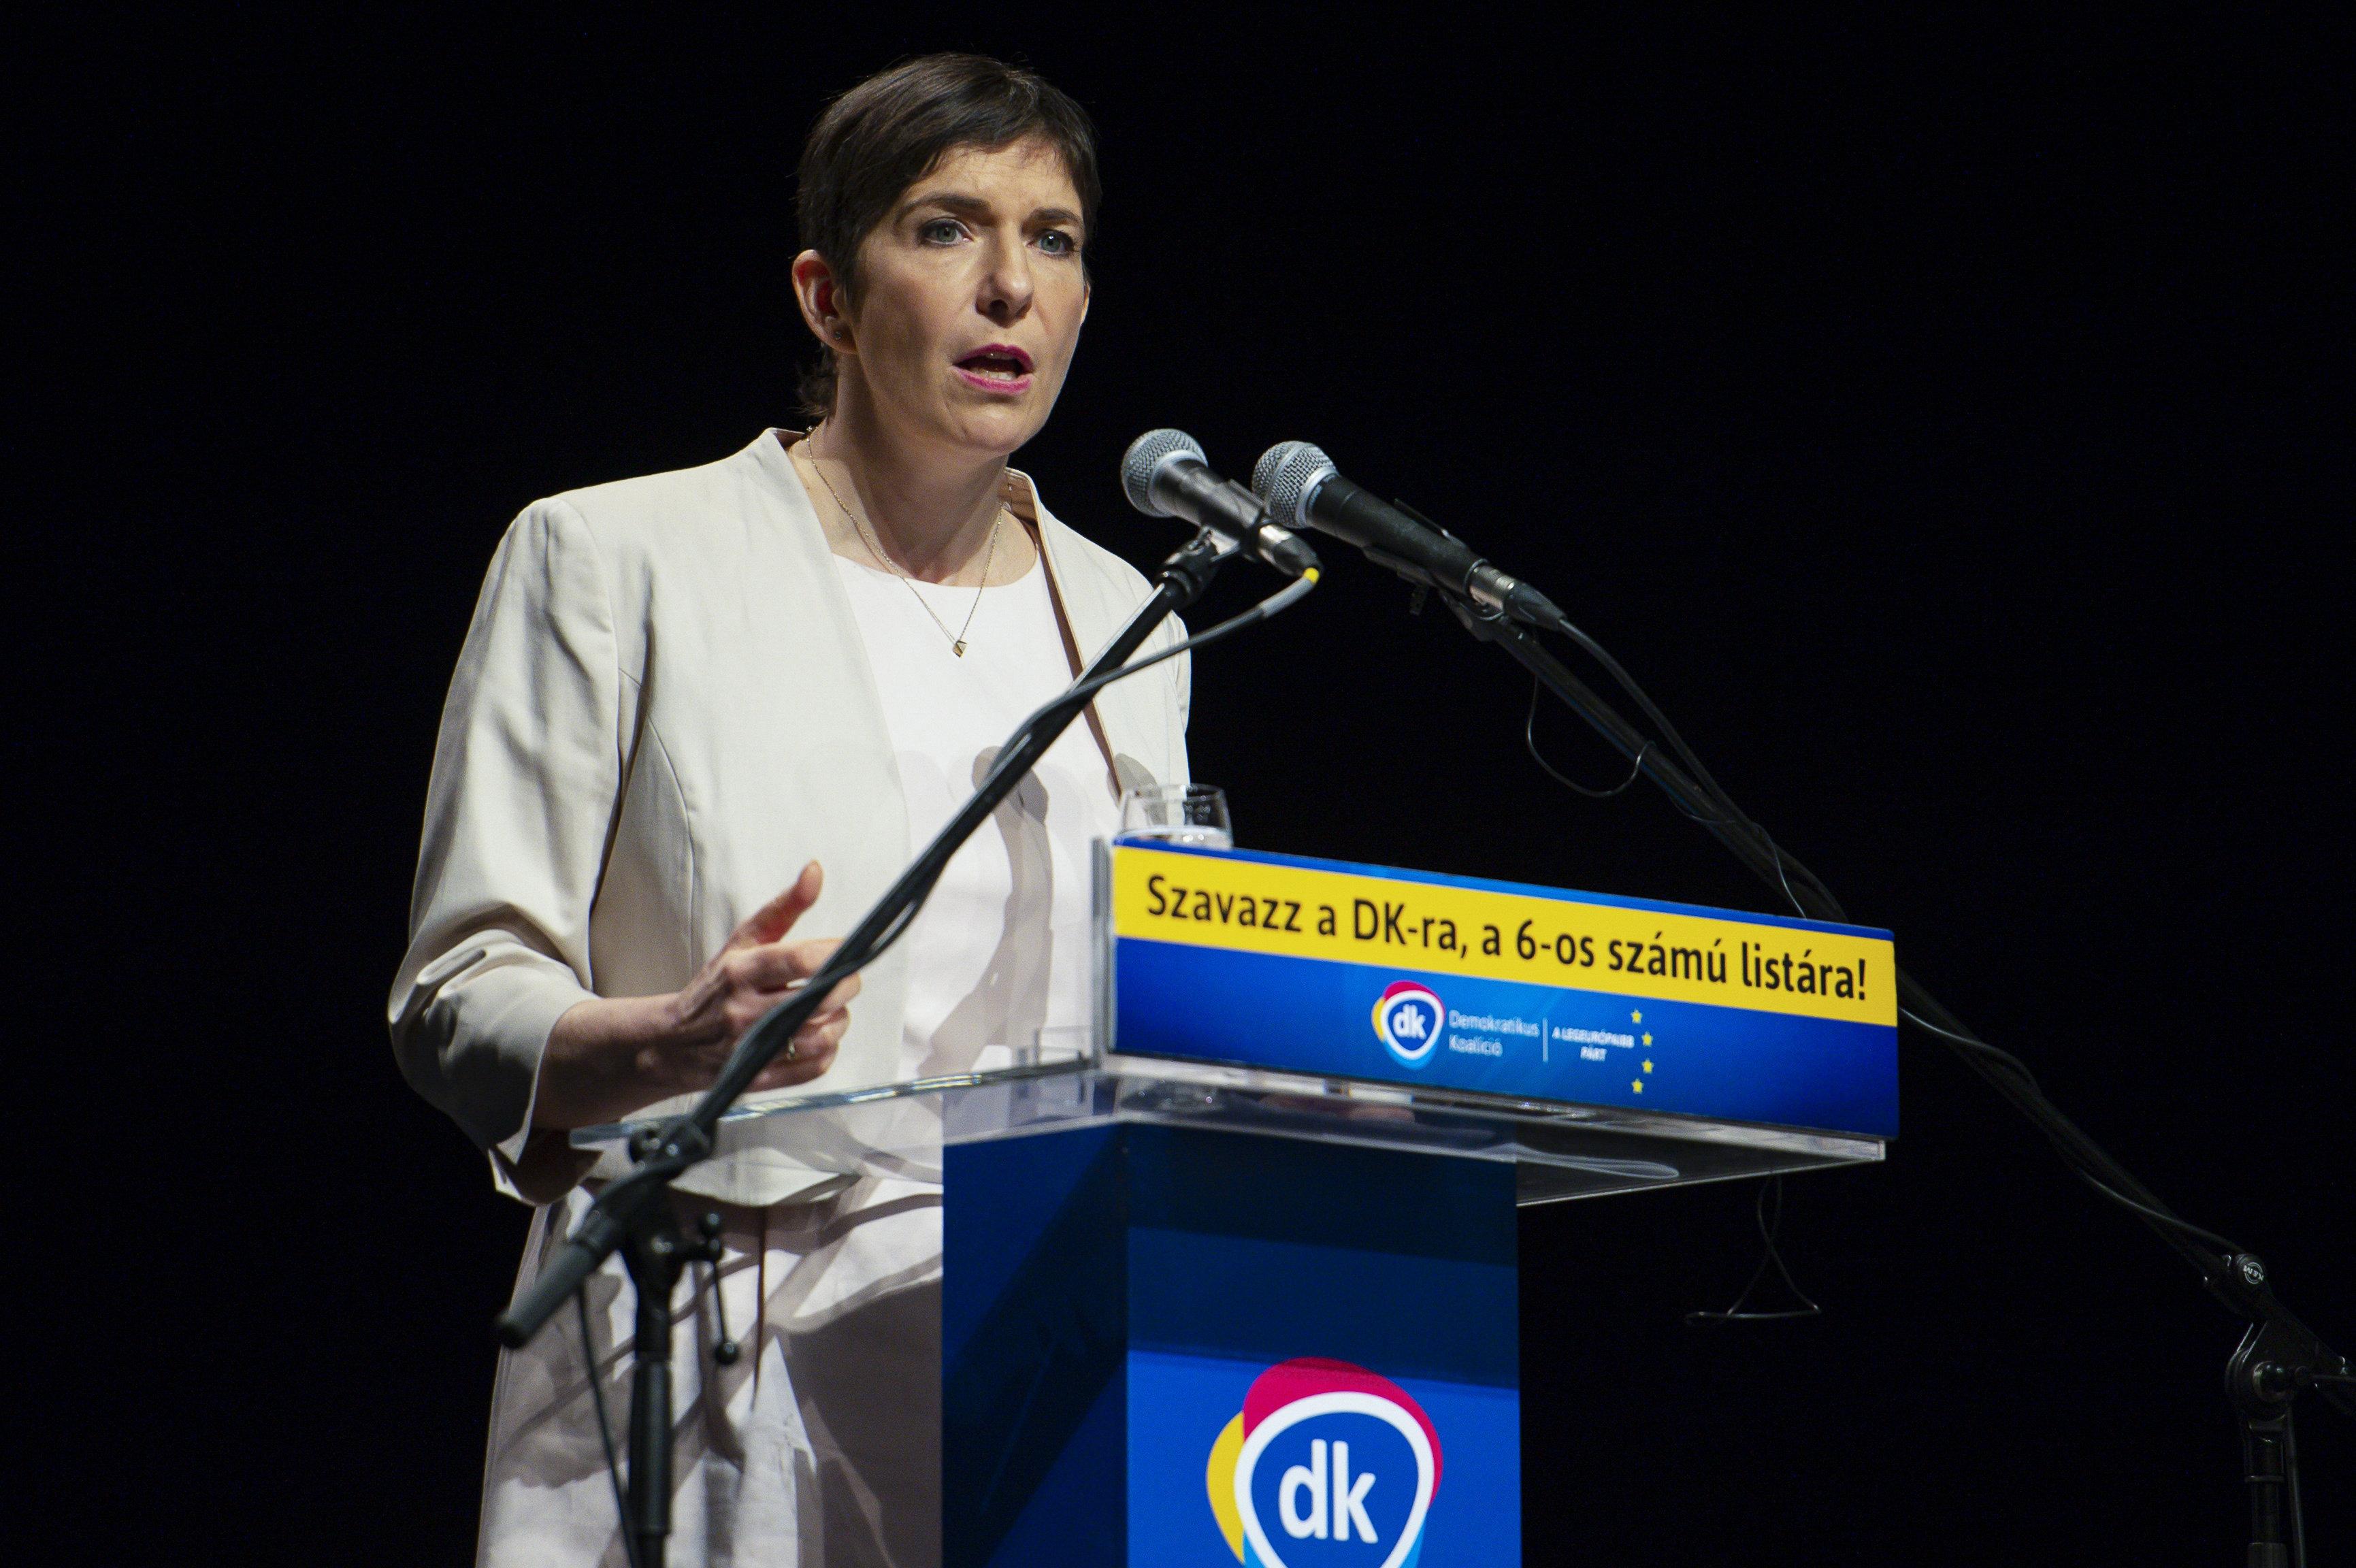 DK fordert die Regierung auf, dem EU-Arbeitsschutzfonds beizutreten post's picture